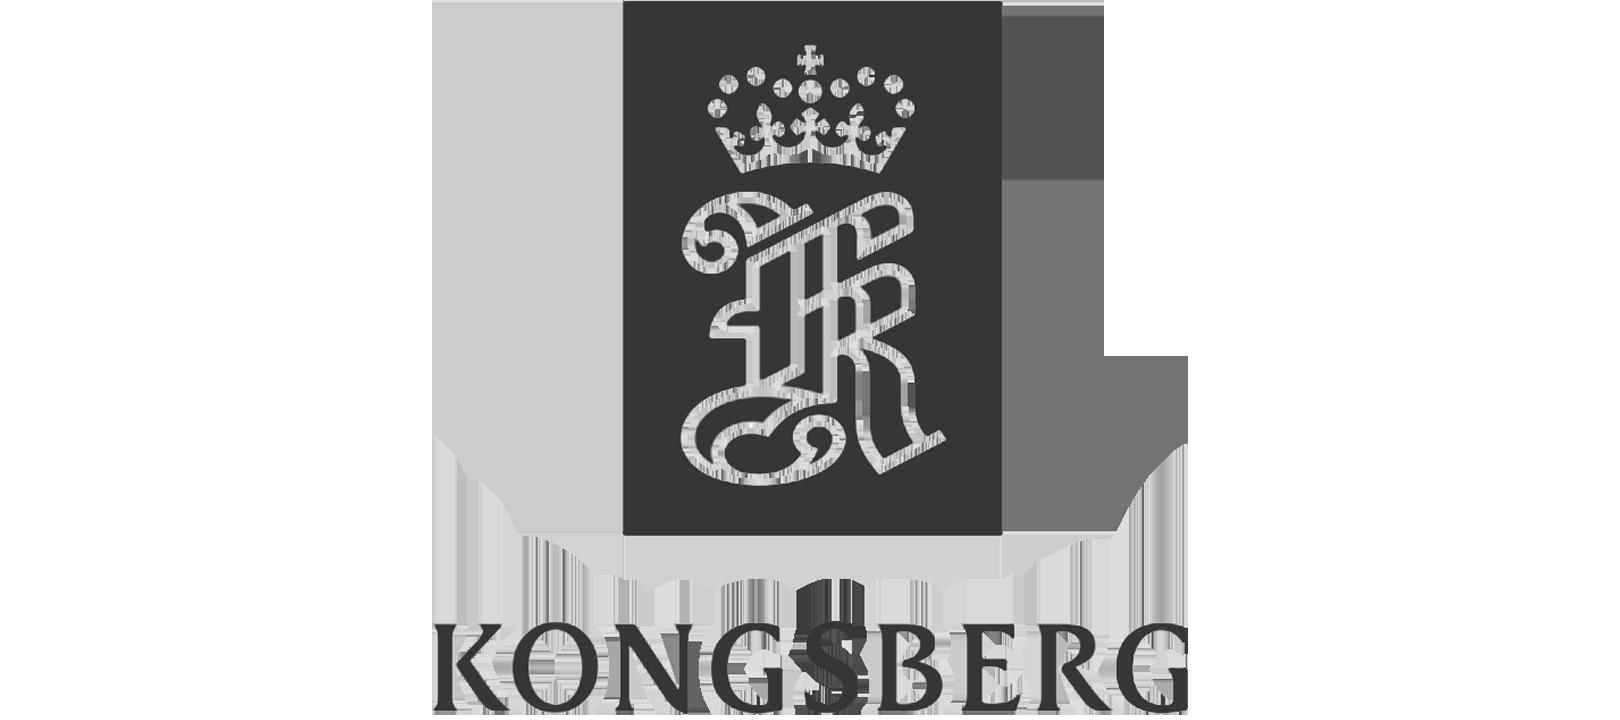 KONGSBERGlogo